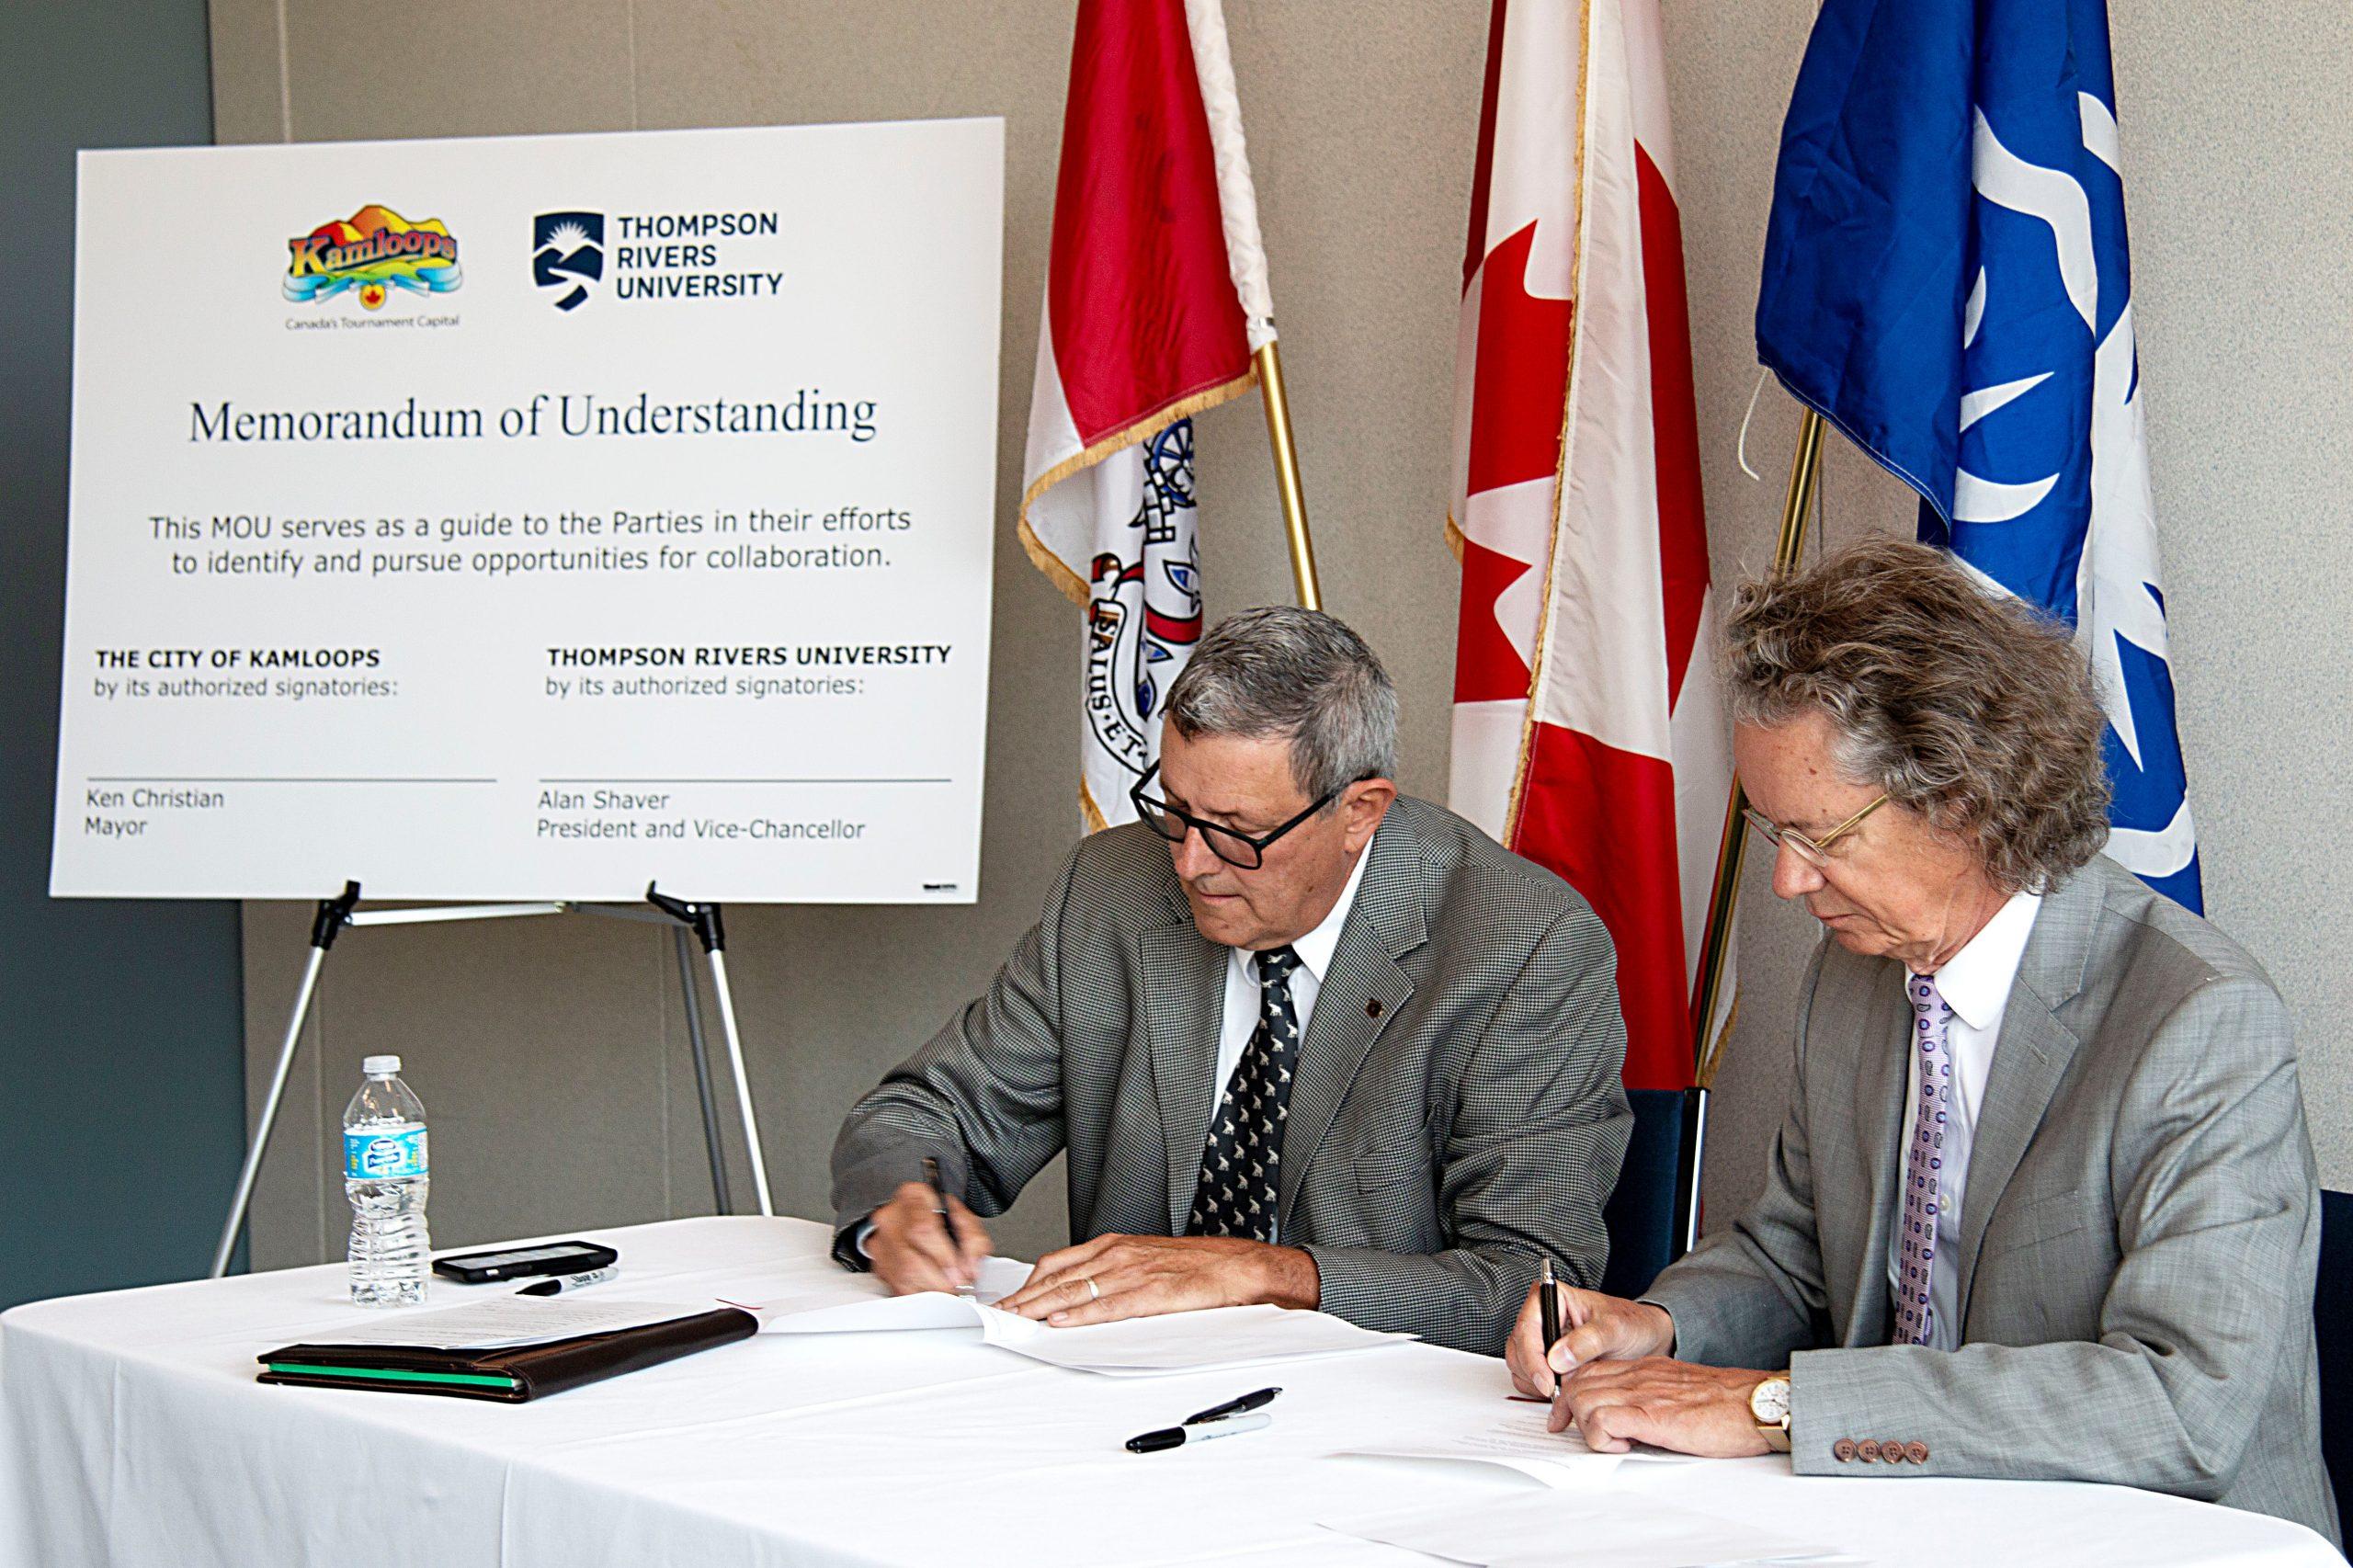 Memorandum of Understanding signed by TRU and City of Kamloops